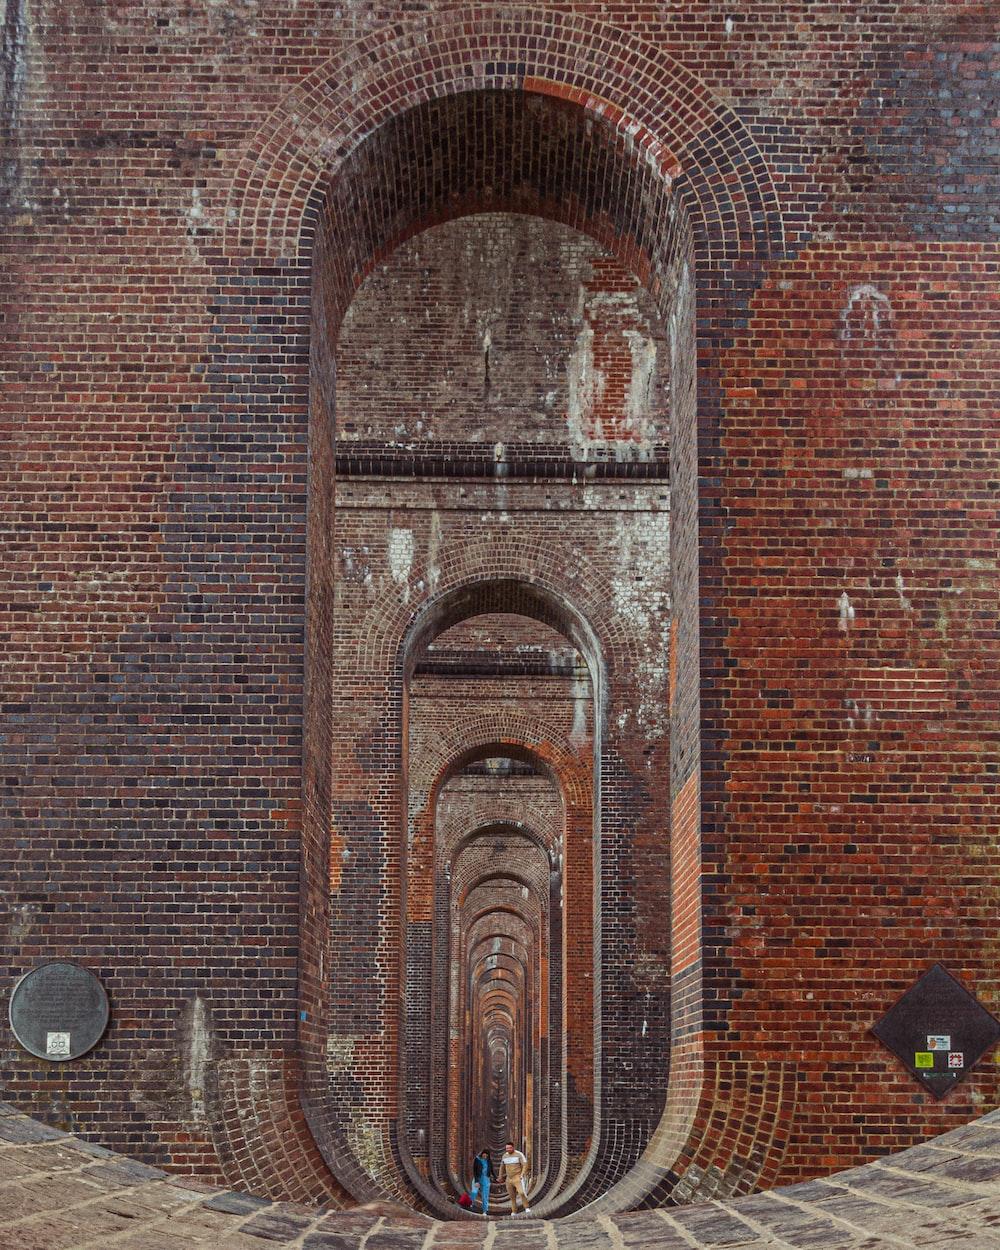 brown brick wall with brown brick wall